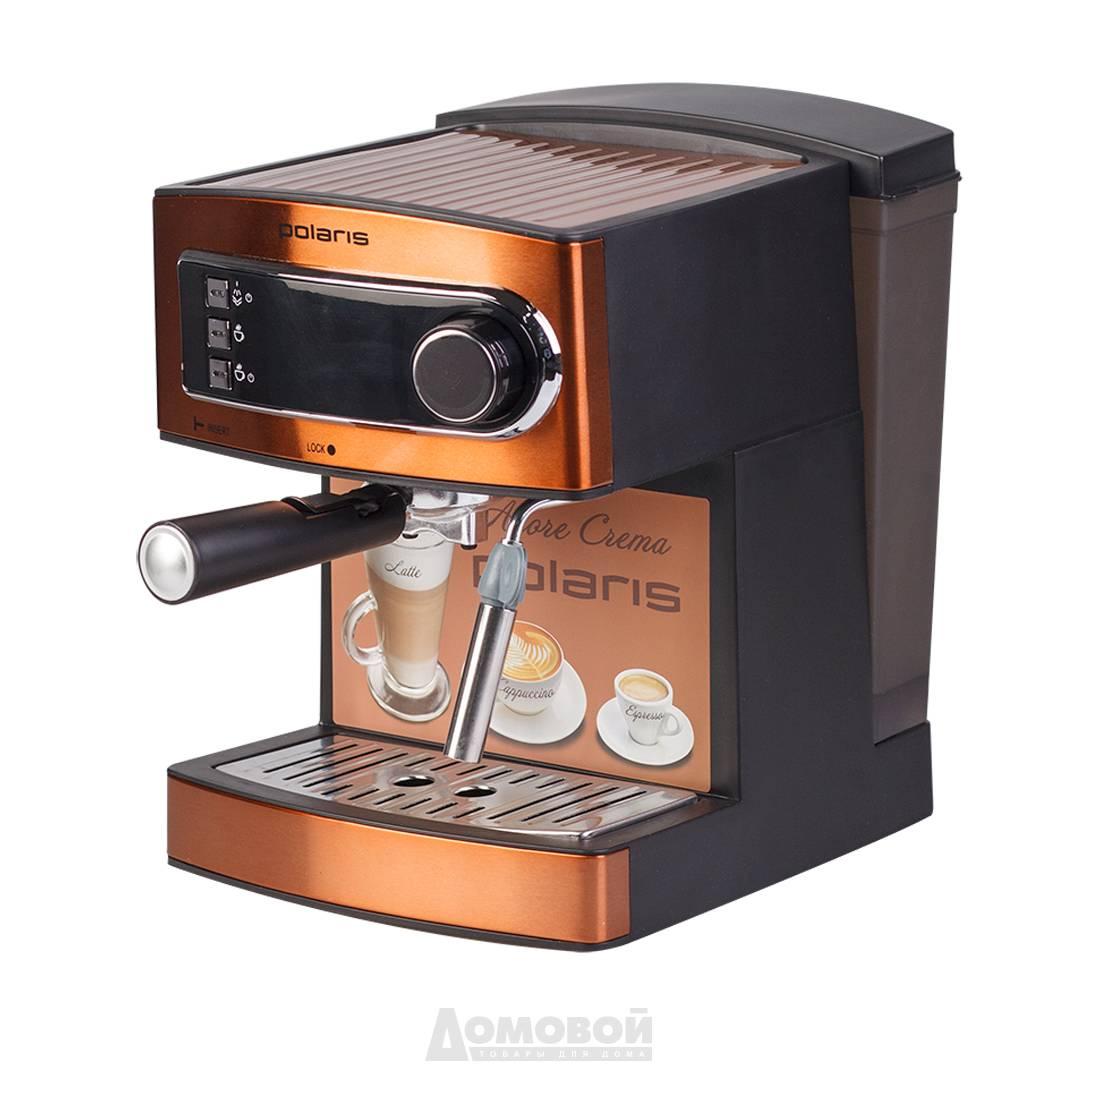 Рожковая кофеварка polaris (поларис) - о бренде, ассортимент, цены